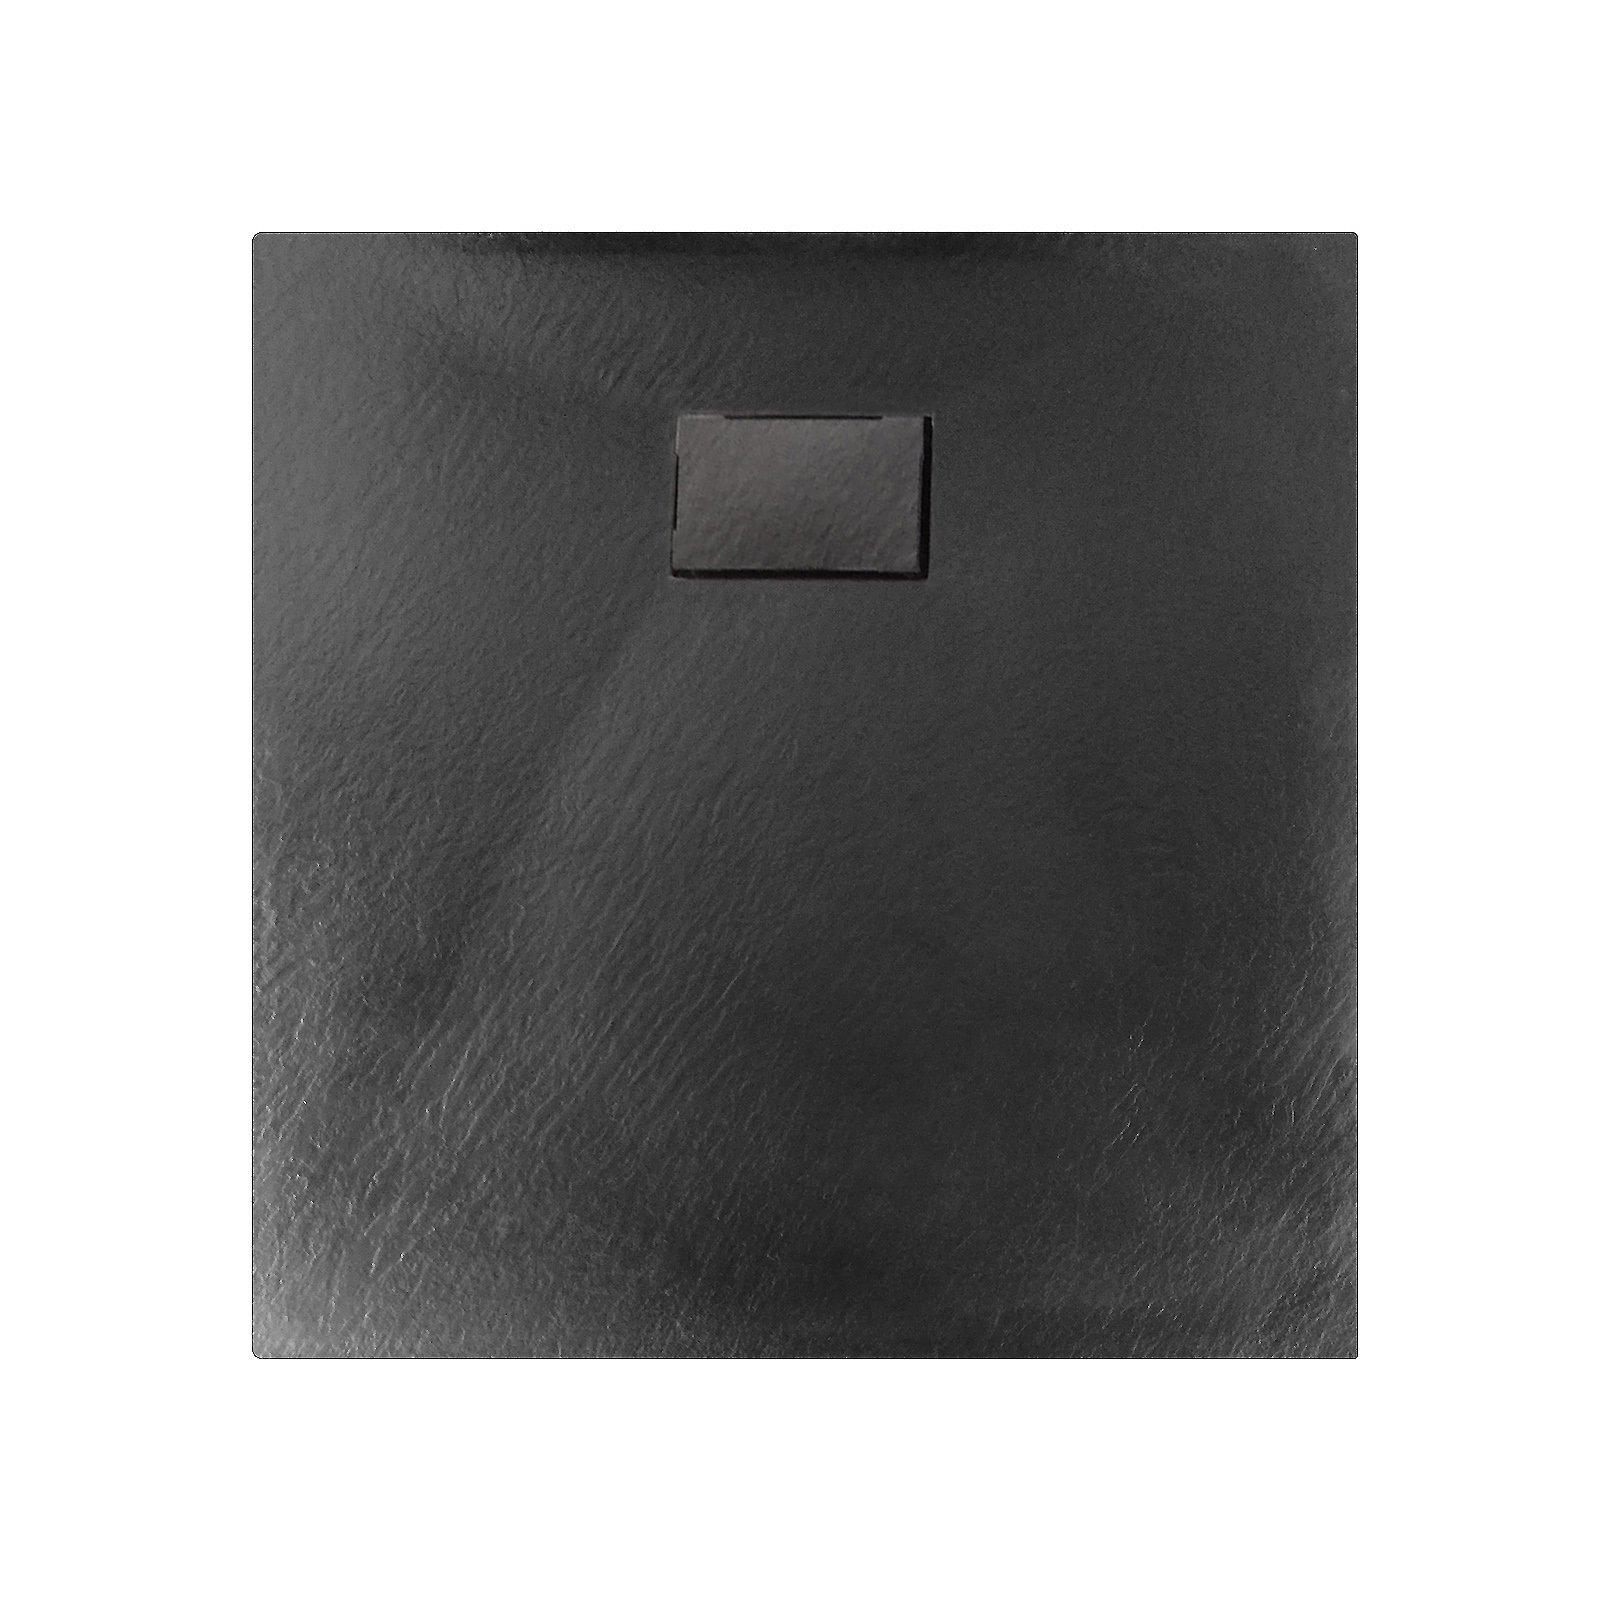 Duschtasse Duschwanne rechteckig GT-Serie in Schwarz aus SMC - Breite: 80 cm -  Zubehör wählbar